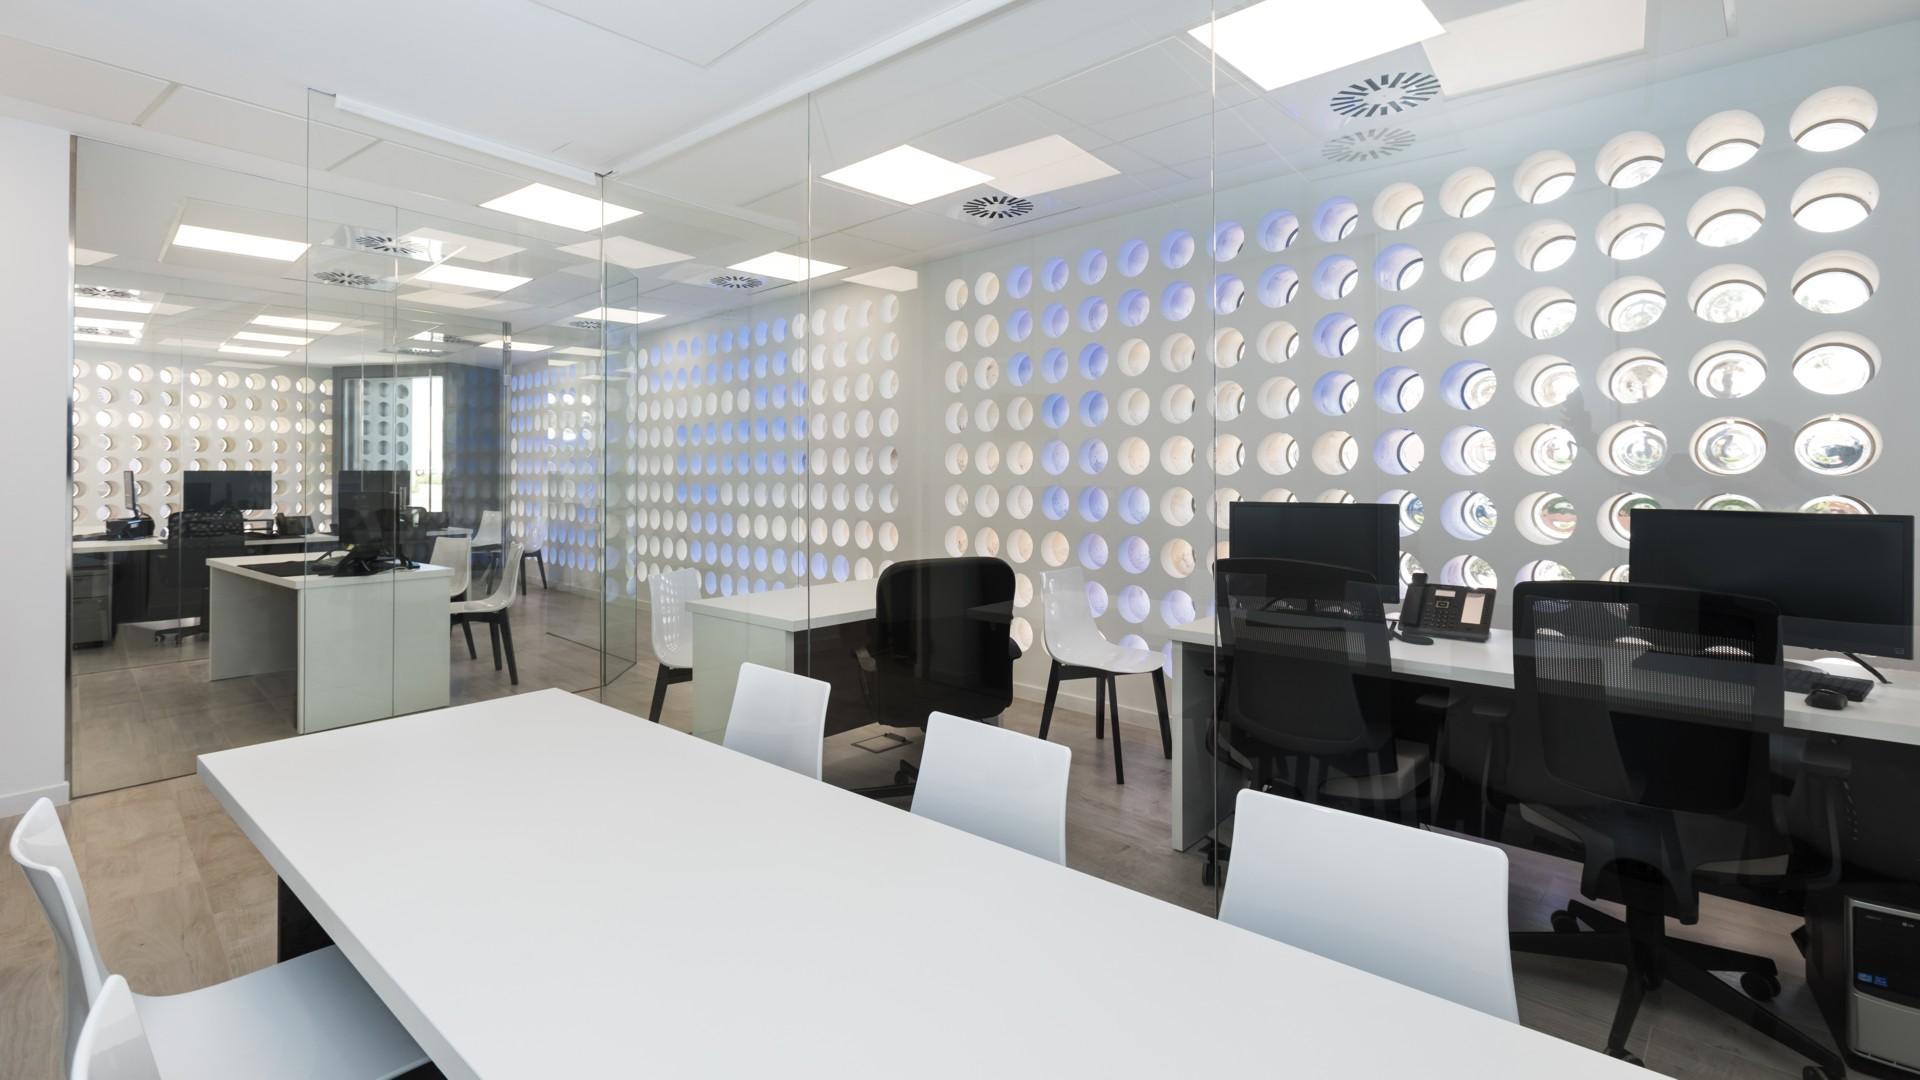 oficinas-osa-a2arquitectos-9